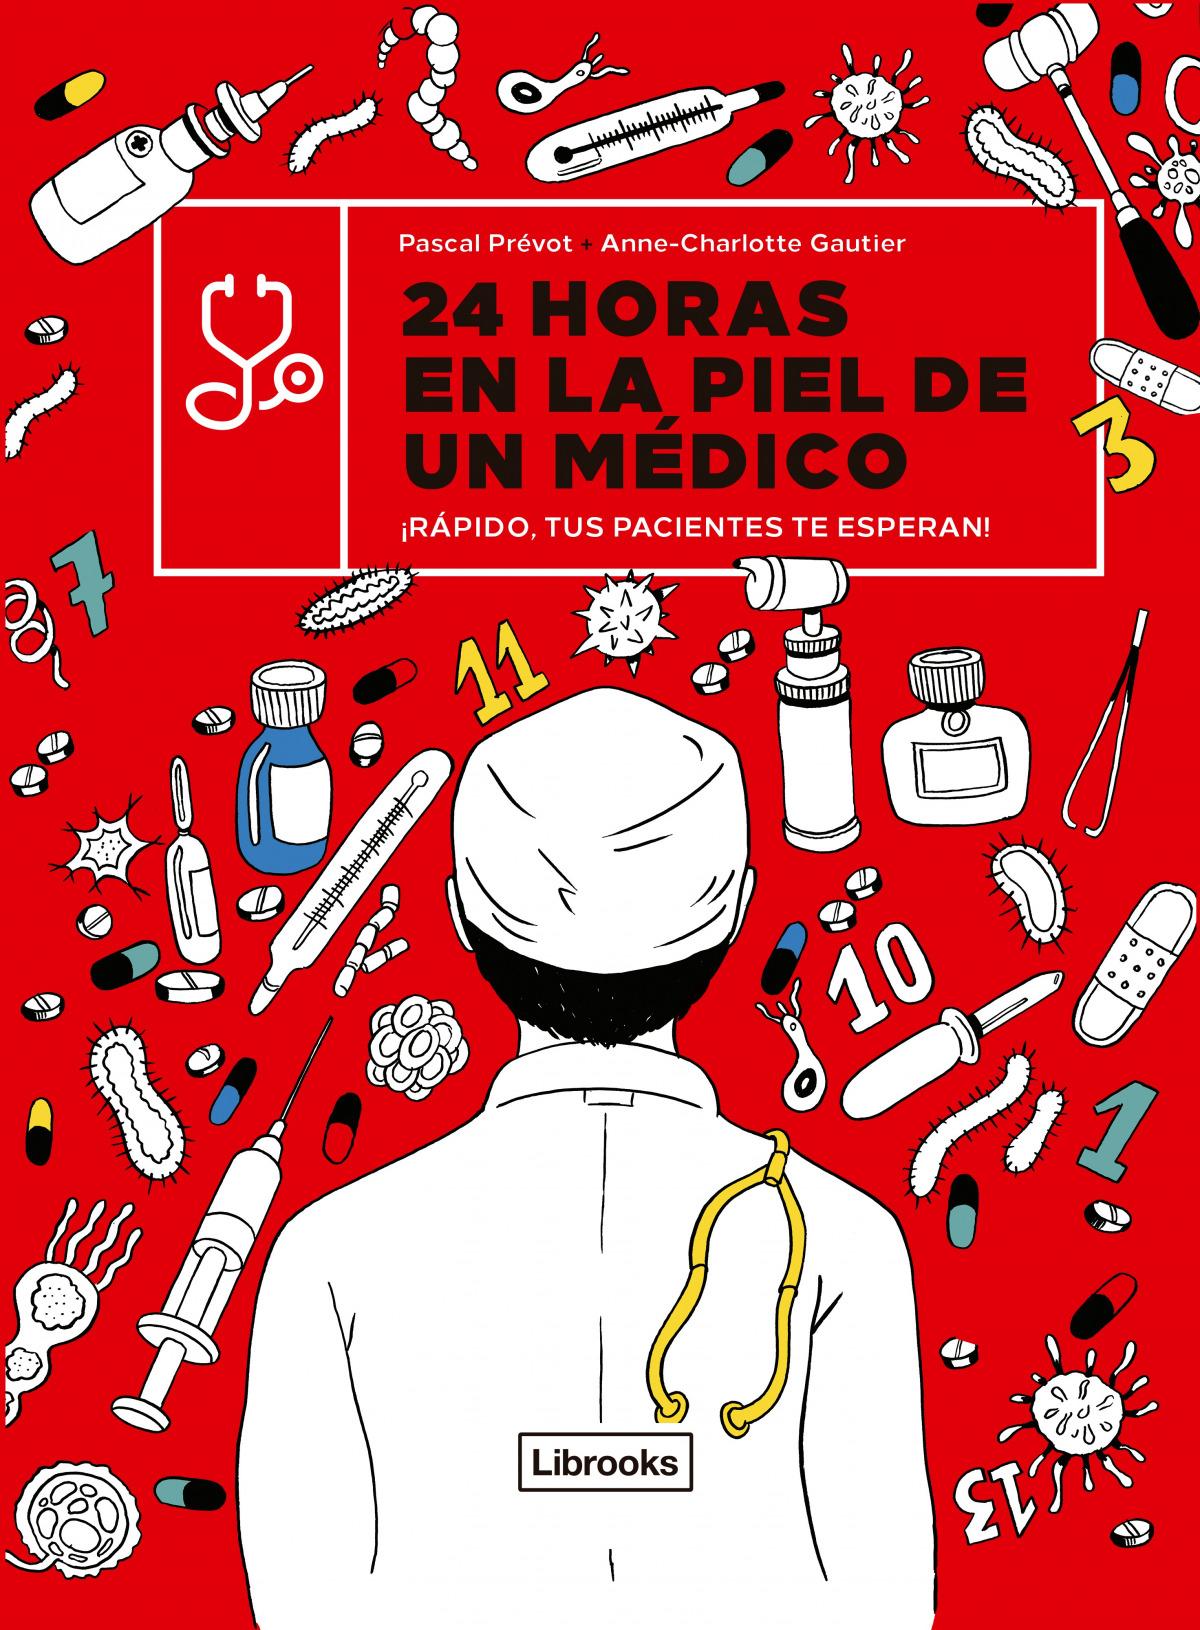 24 horas en la piel de un médico